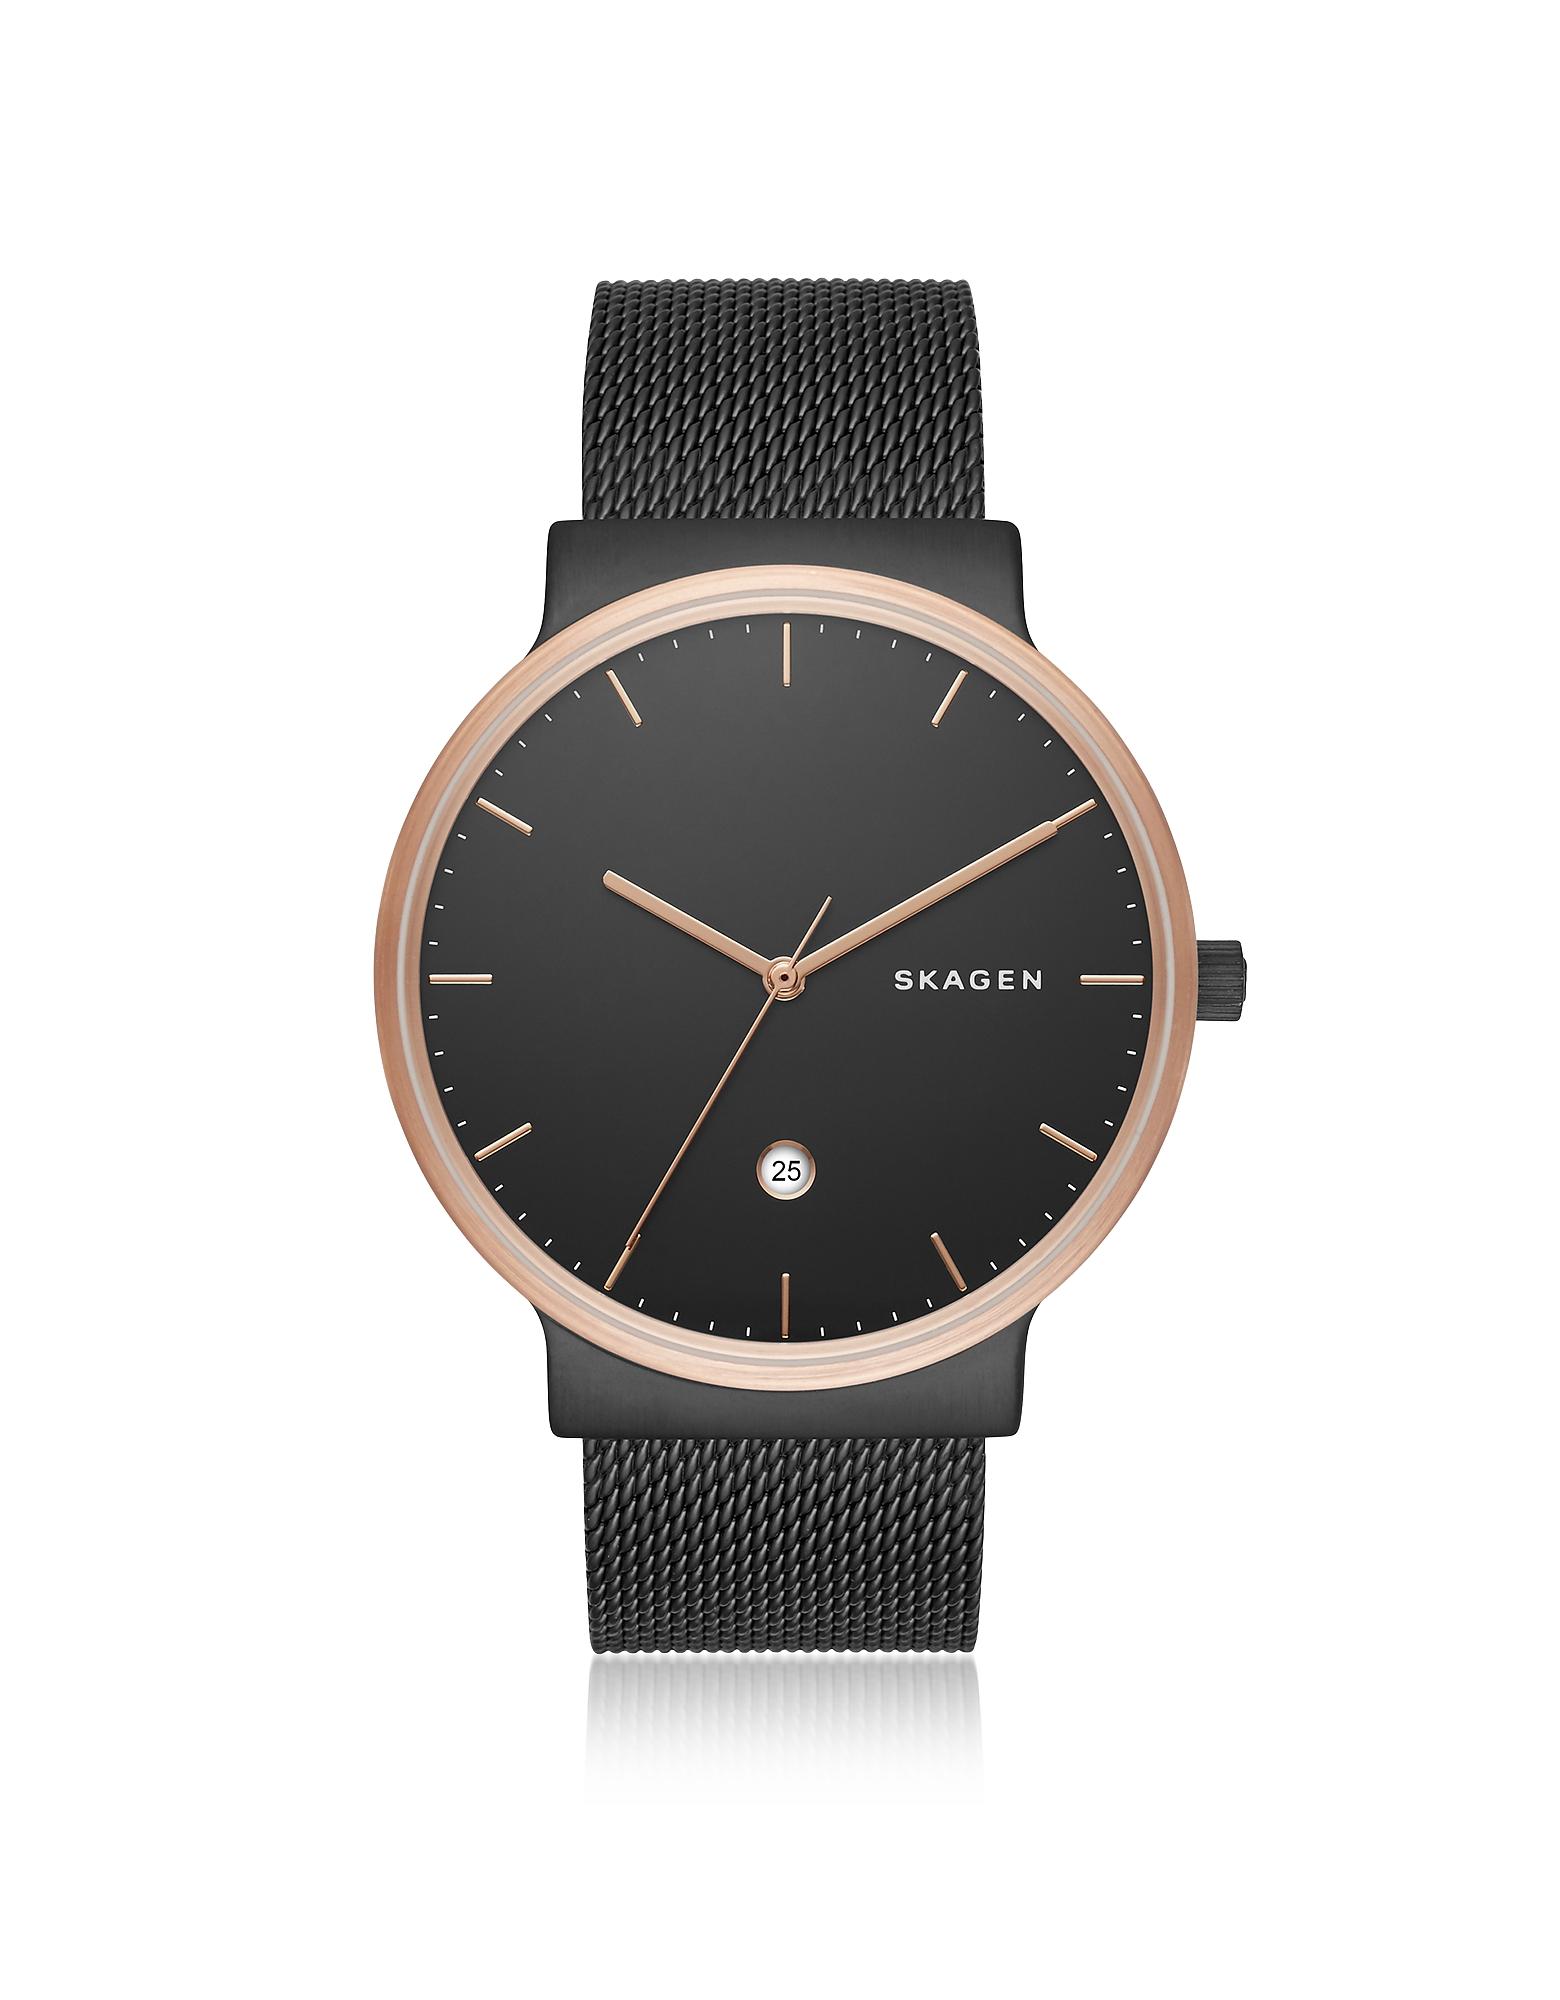 Skagen Men's Watches, Ancher Black Steel-Mesh Men's Watch